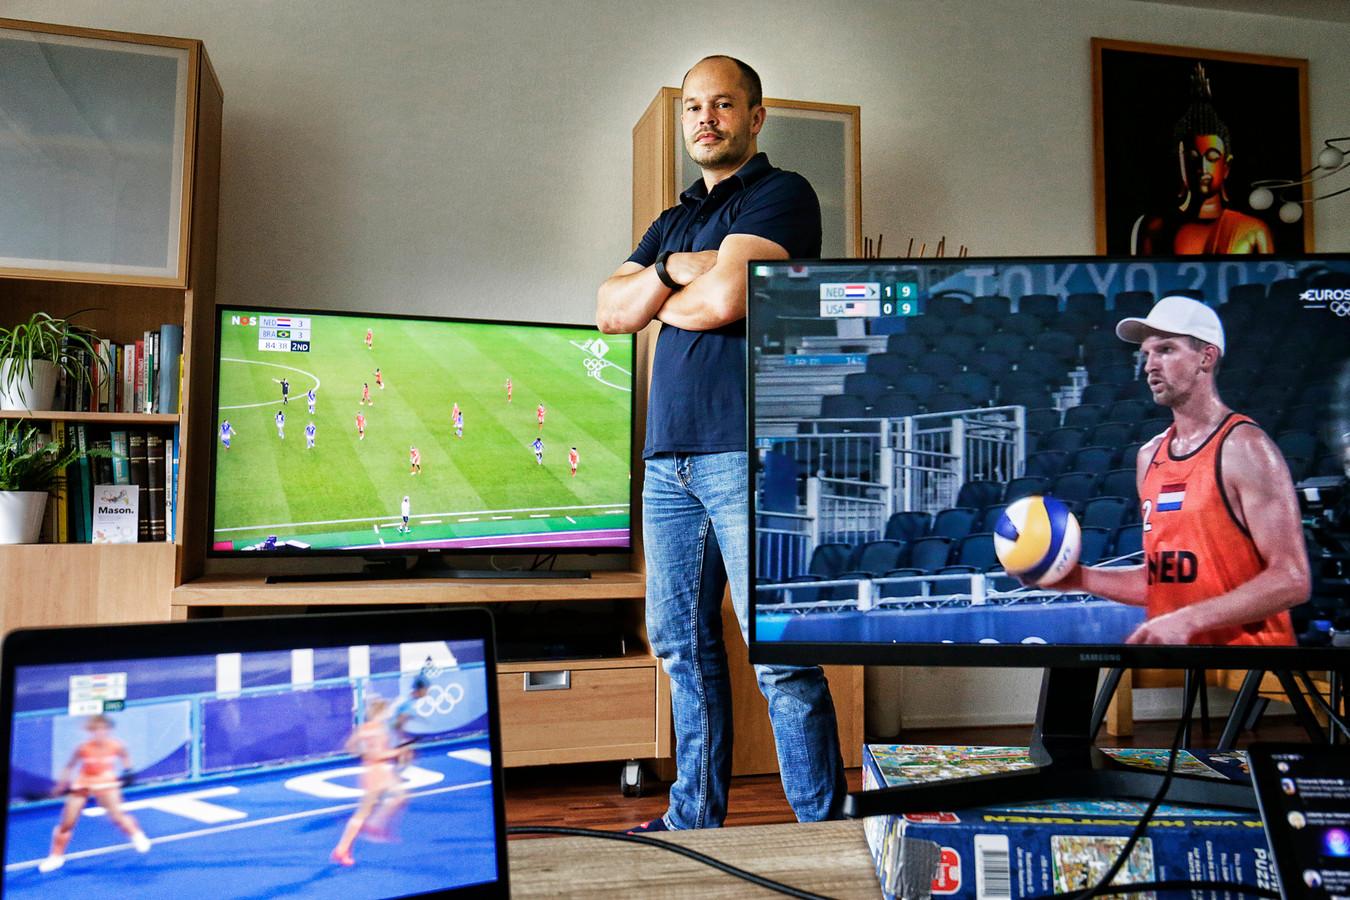 Humphrey van Asdonck kijkt thuis via meerdere schermen naar de Olympische Spelen in Tokyo.